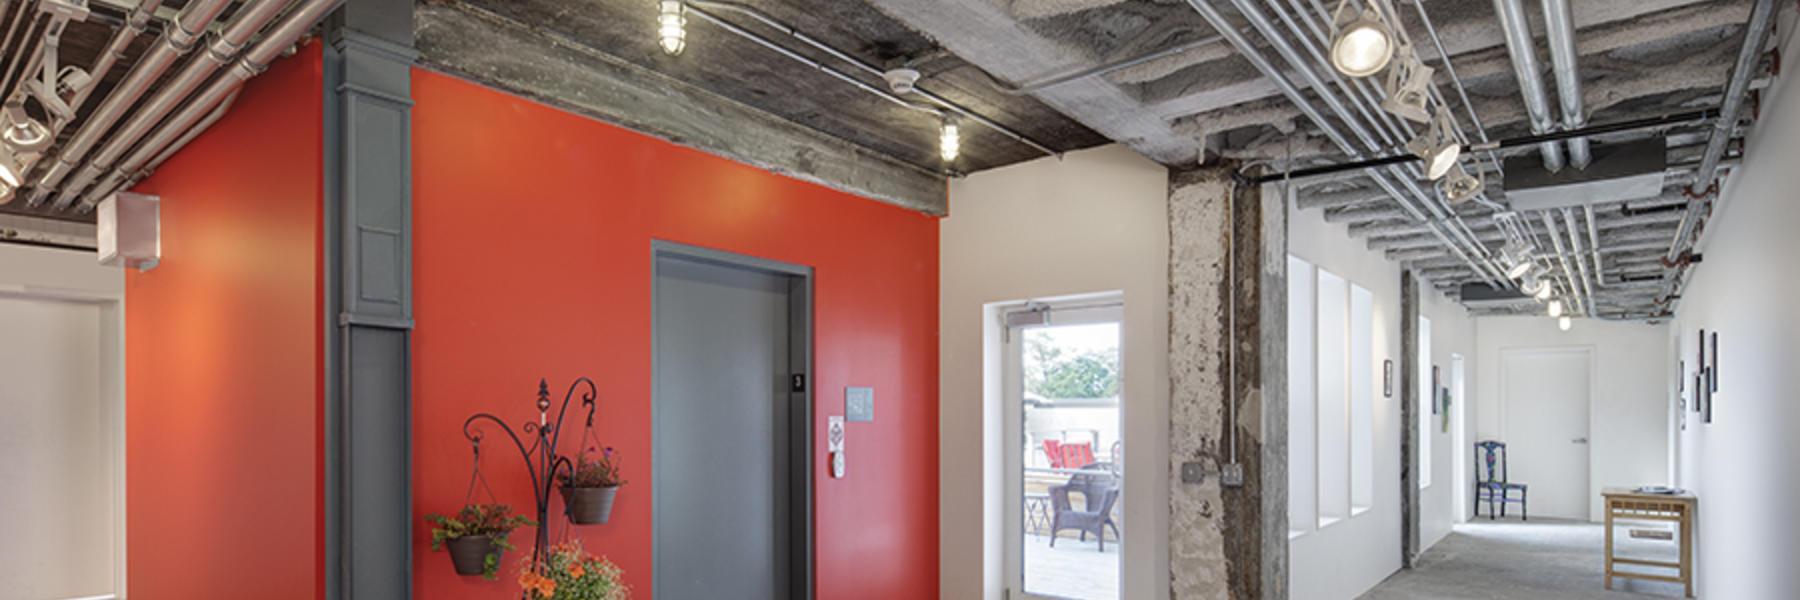 Karcher Artspace Lofts | Pepper Construction